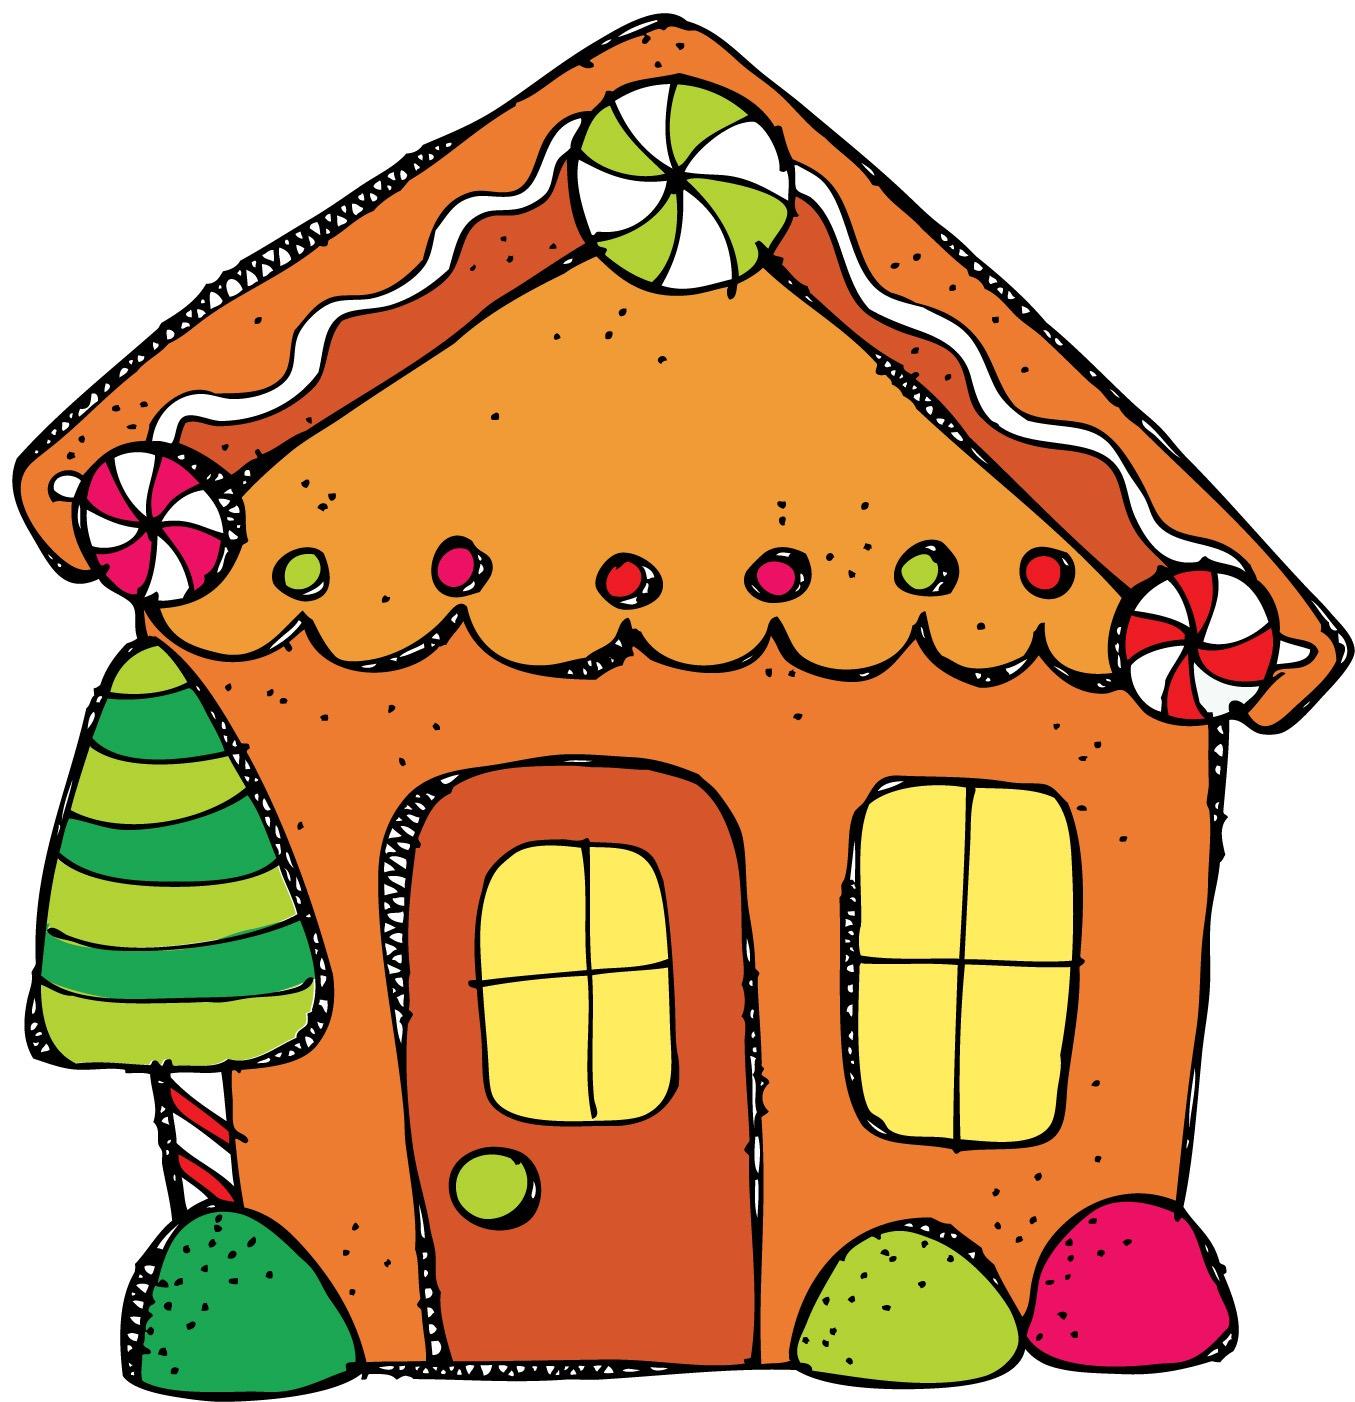 Kindergarten haus clipart png library download Clipart House Images | Clipart Panda - Free Clipart Images png library download